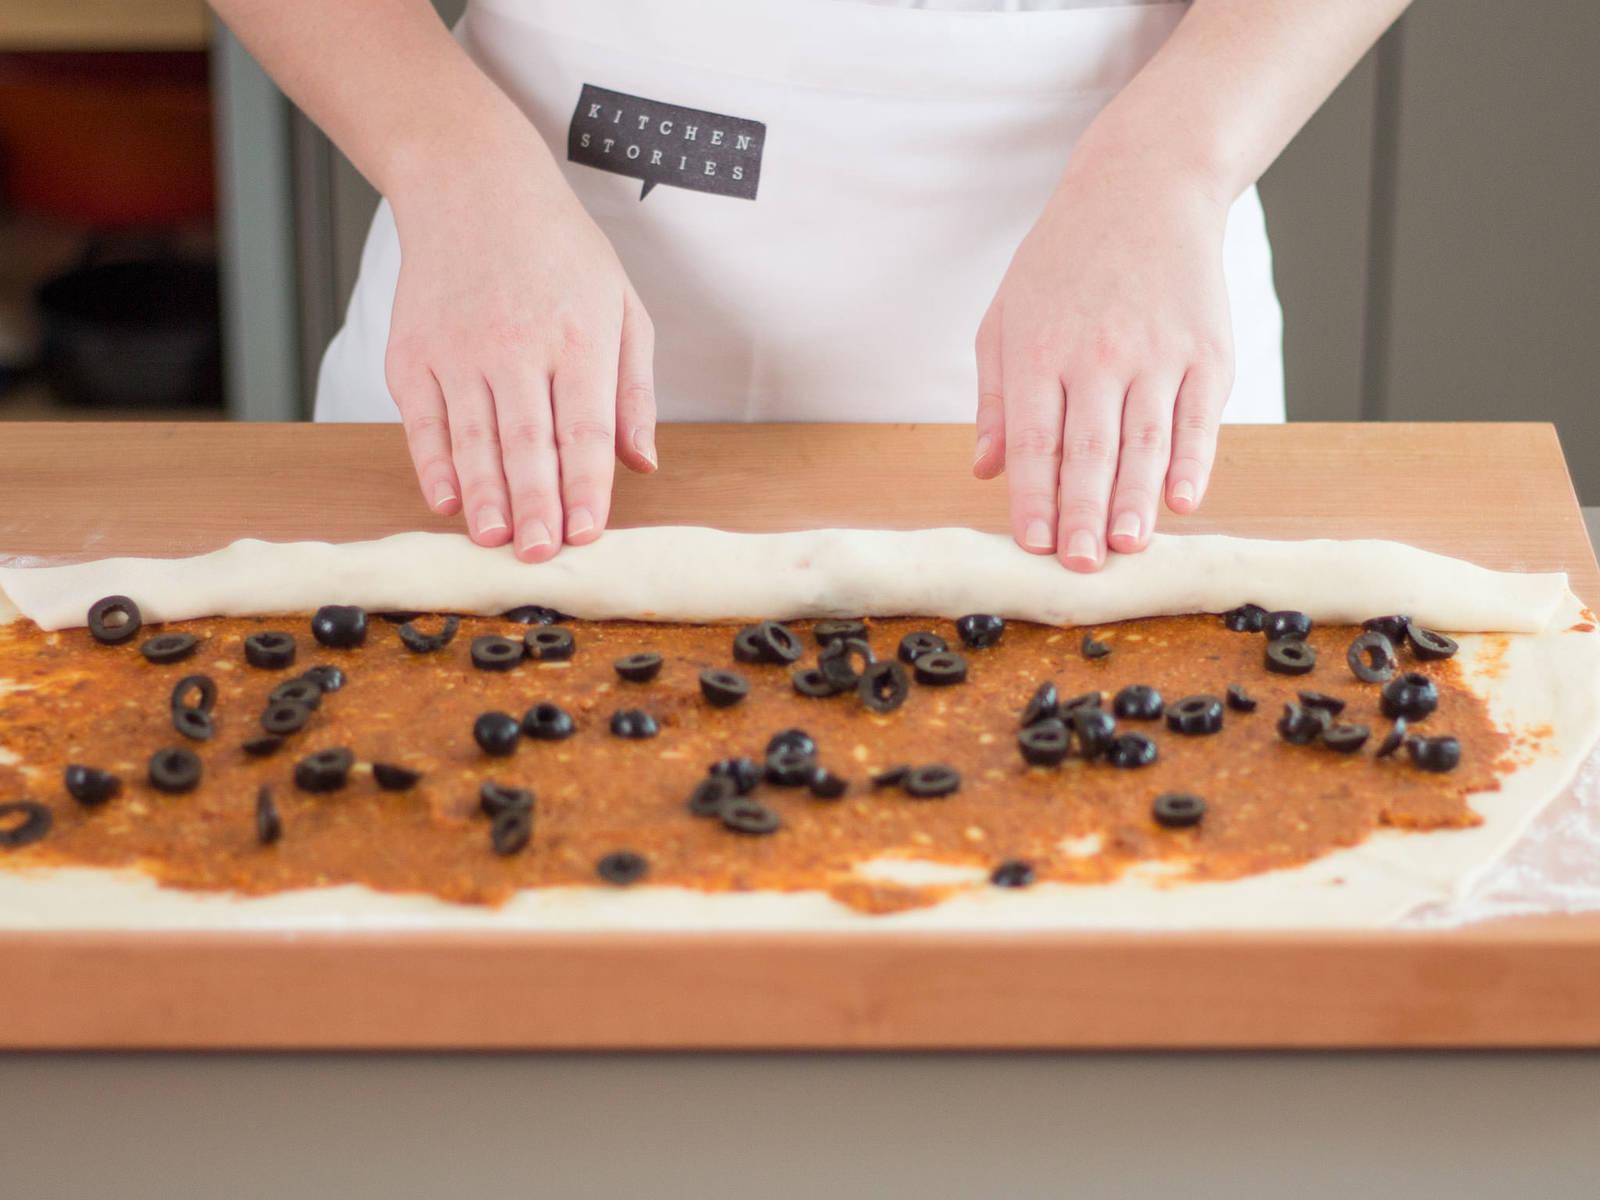 在工作台面上撒上些许面粉,将面团摊平后,用擀面杖擀成较大的长方形。将西红柿糊均匀地抹到面团上,并撒上一些橄榄碎。卷起面团,使其呈一个长条状。